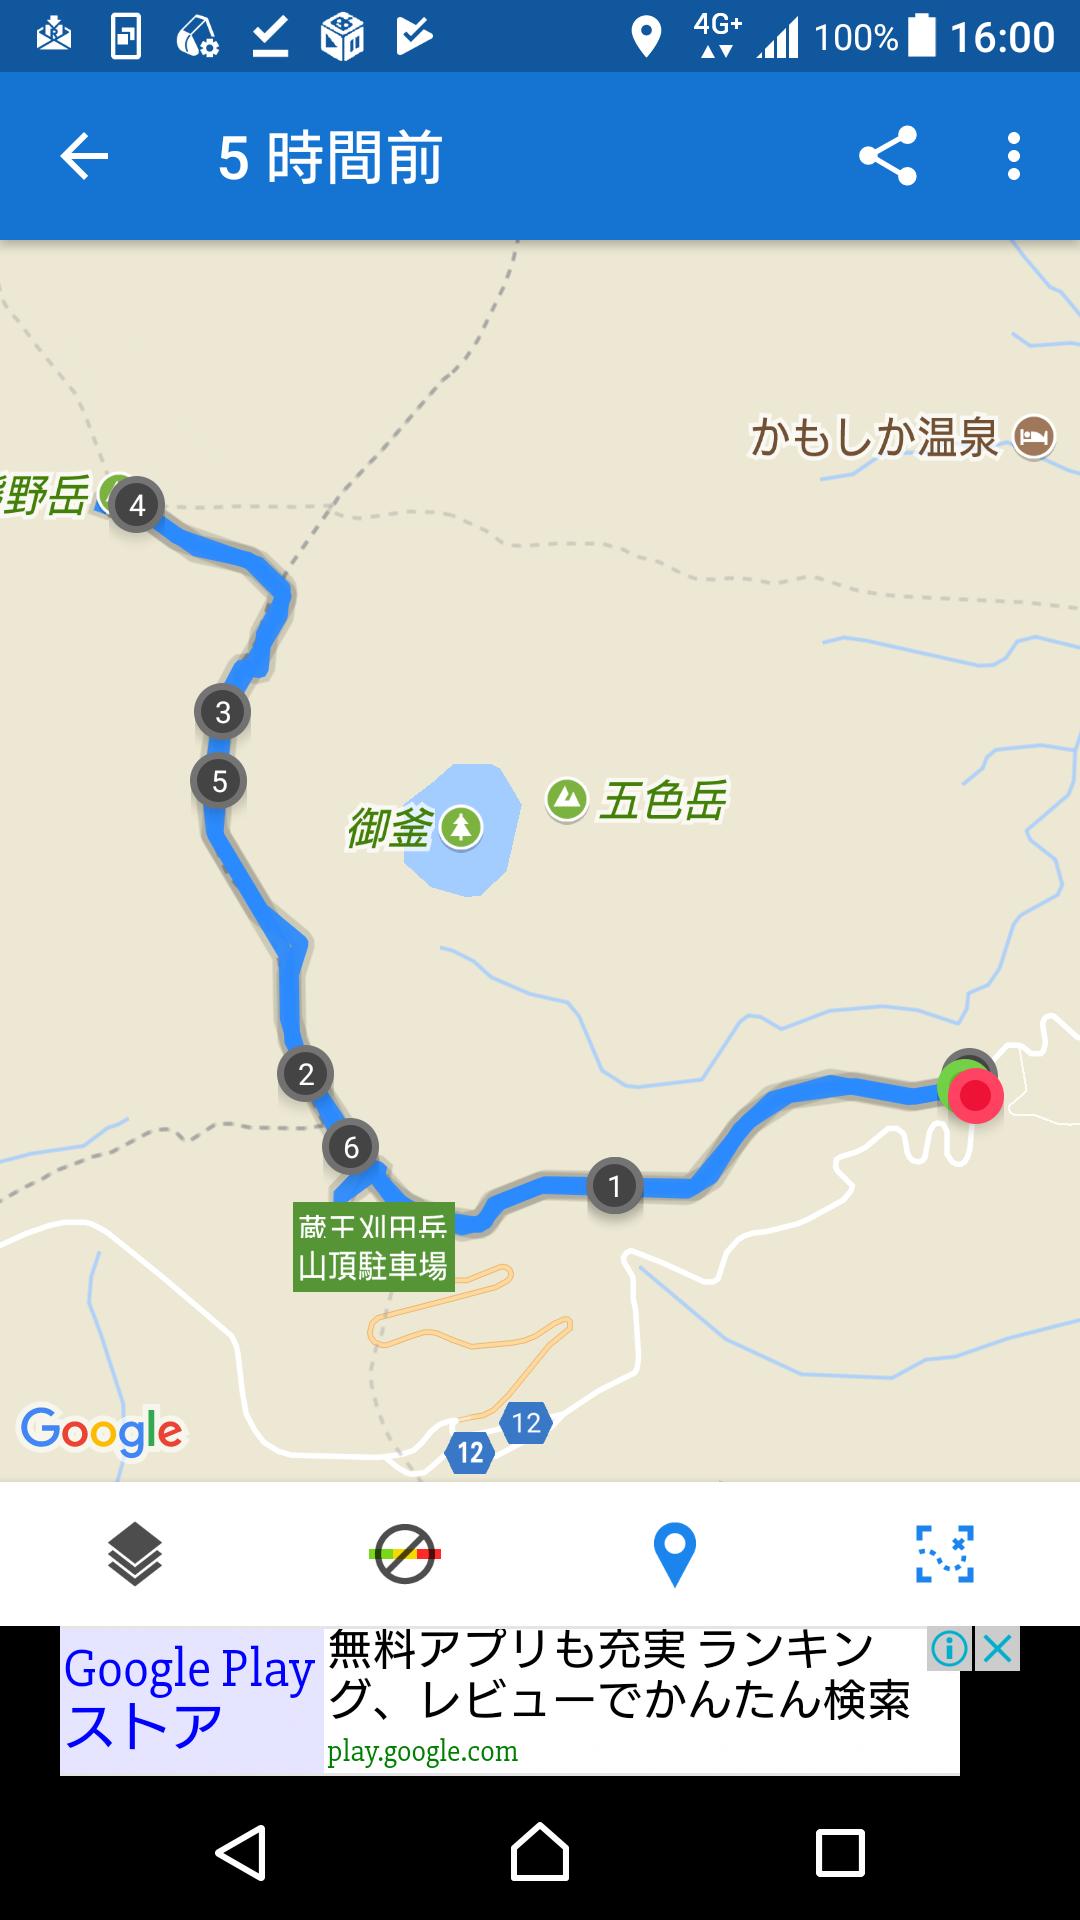 f:id:ynakayama27:20170712140734p:plain